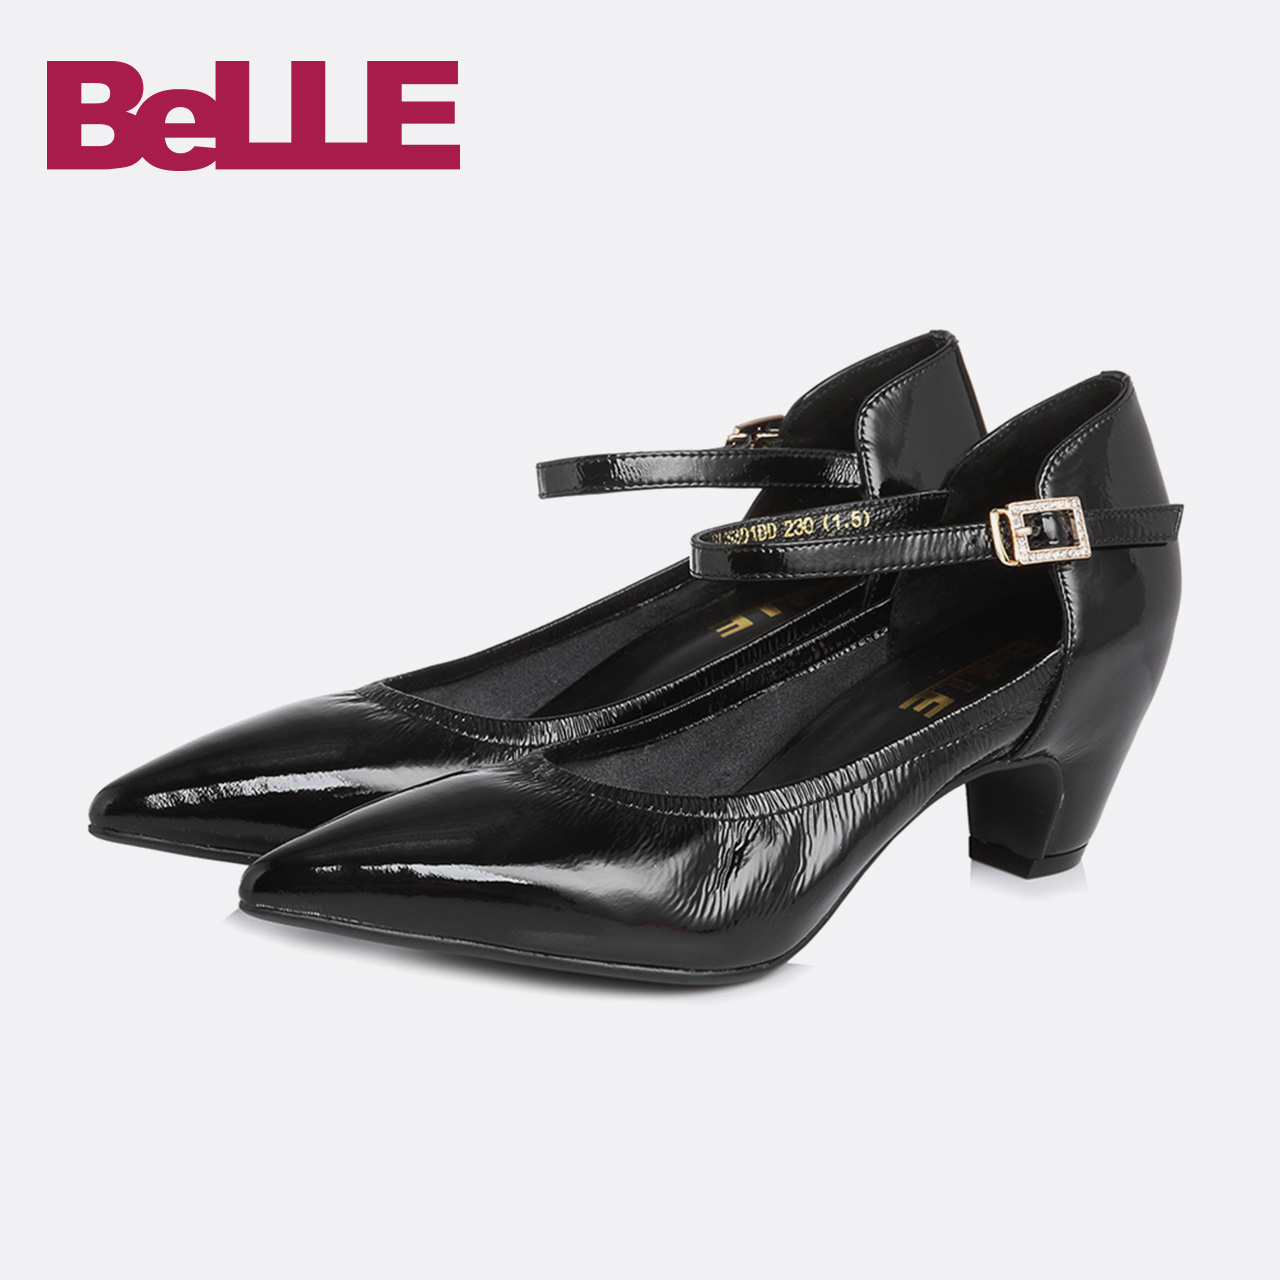 Belle-百丽单鞋2018春新商场款皱牛皮中细跟女鞋S3D1DAQ8